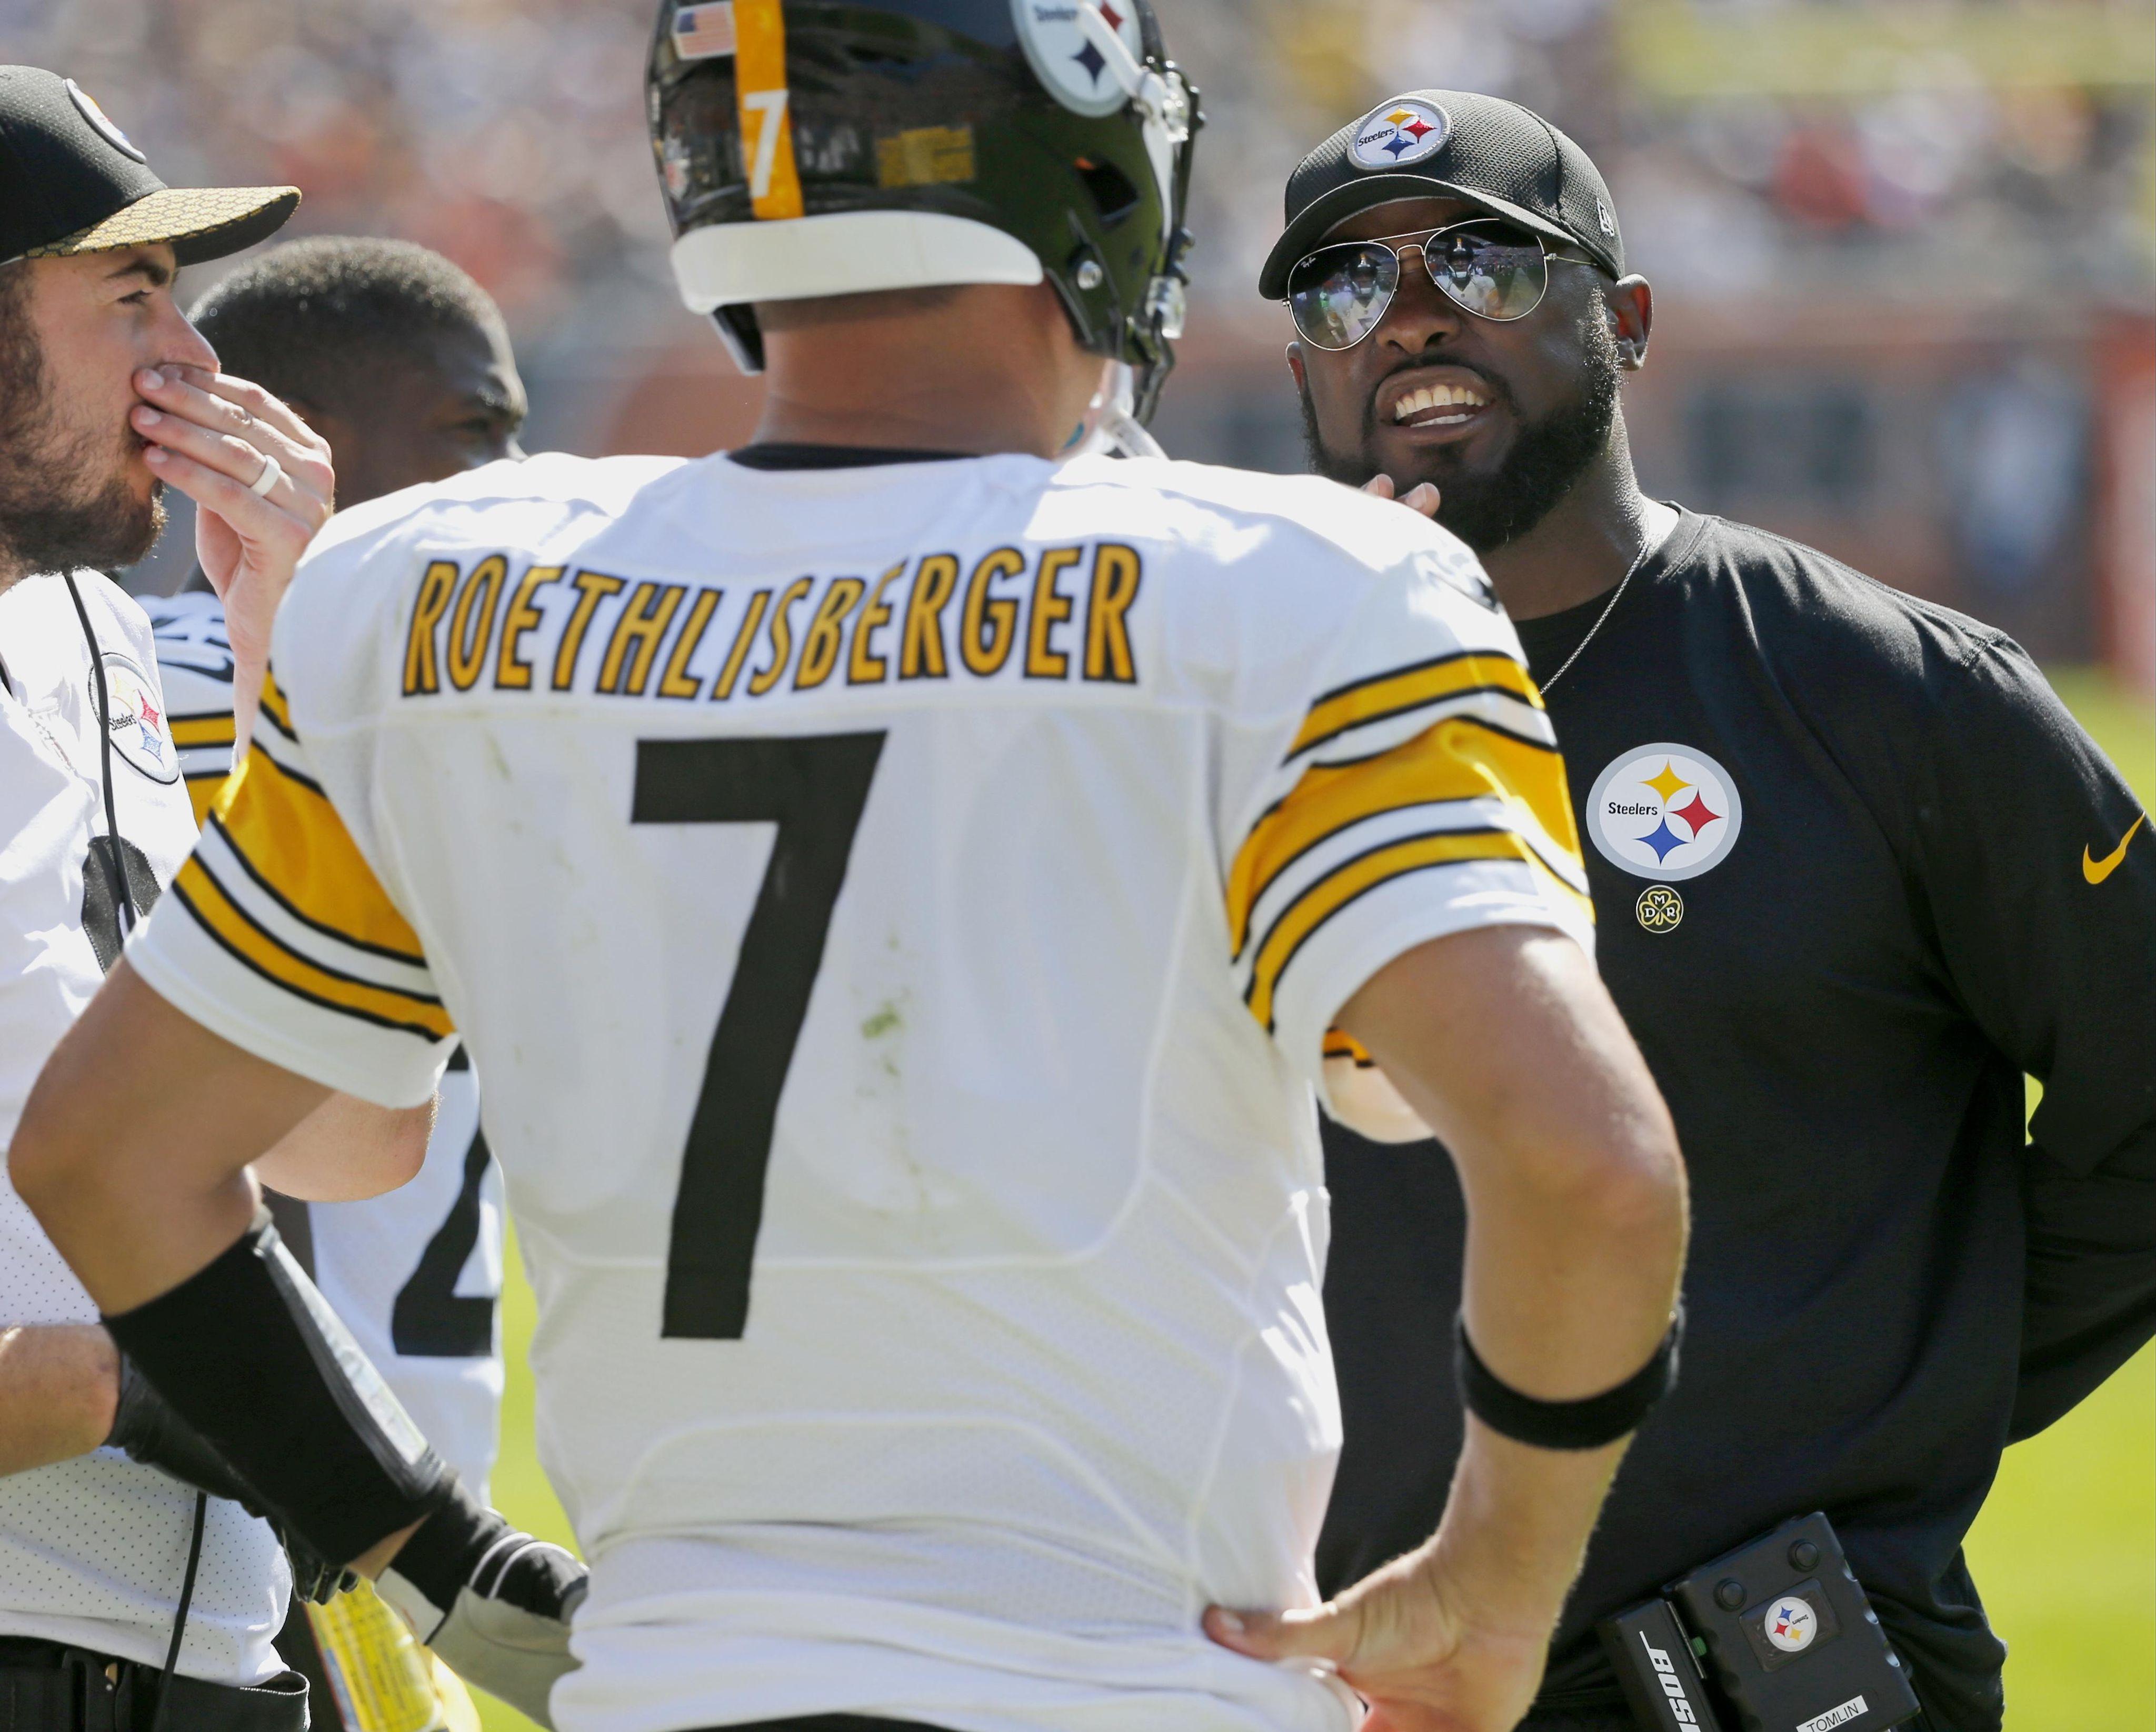 Steelers_bears_football_12308_s4096x3291